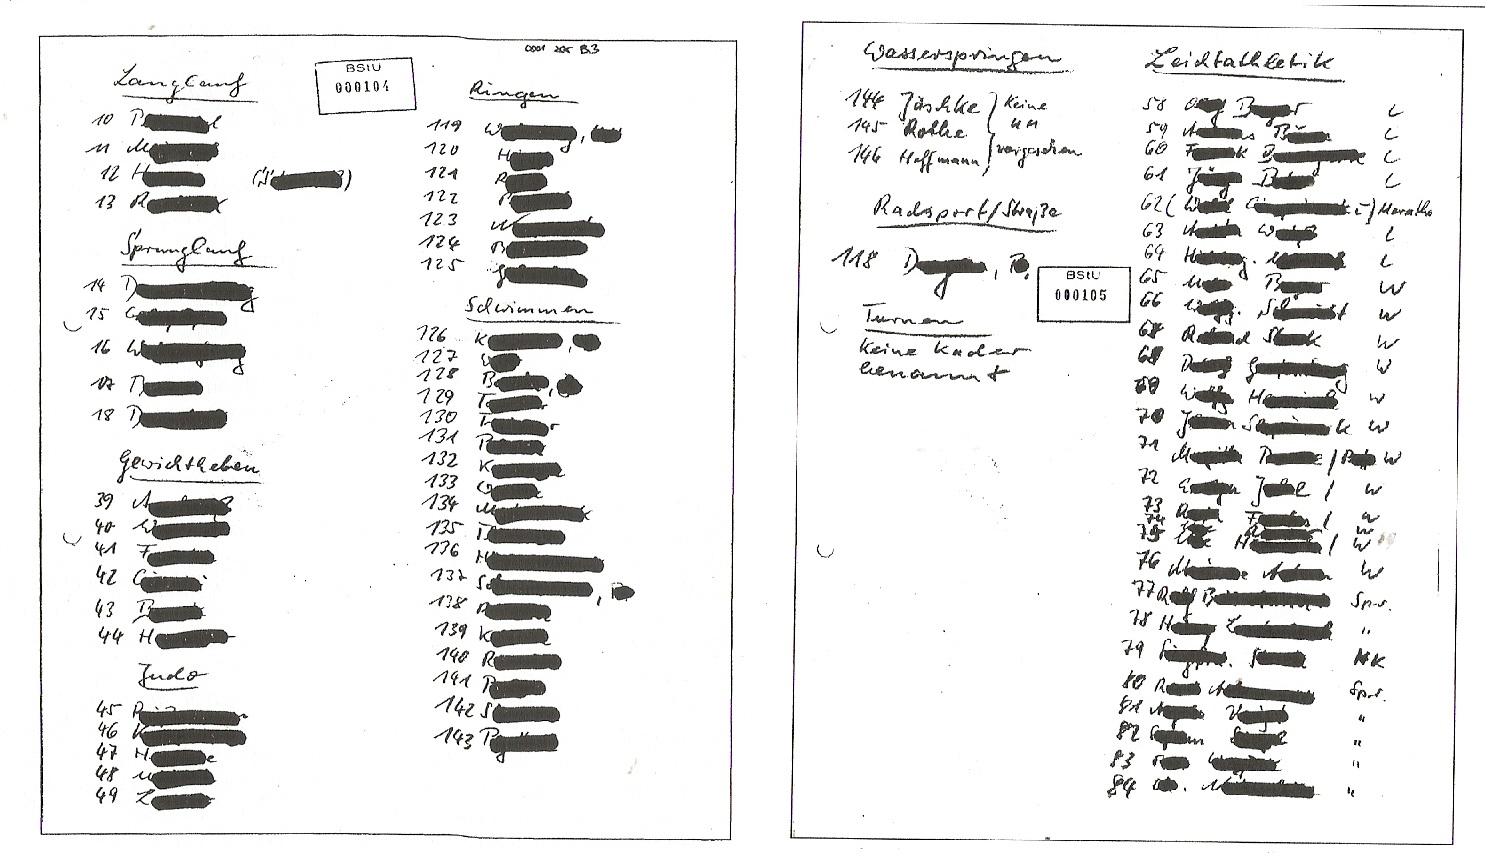 Lista de atletas que, tras recibir sustancias dopantes, debían realizar un test antidoping en la DDR antes de partir a los Juegos Olímpicos de Moscú 1980 con el fin de evitar positivos. De los únicos nombres que no están tachados, están los saltadores de trampolín Falk Hoffman y Martina Jäschke. Ambos ganaron la medalla de oro en Torre de 10 metros.